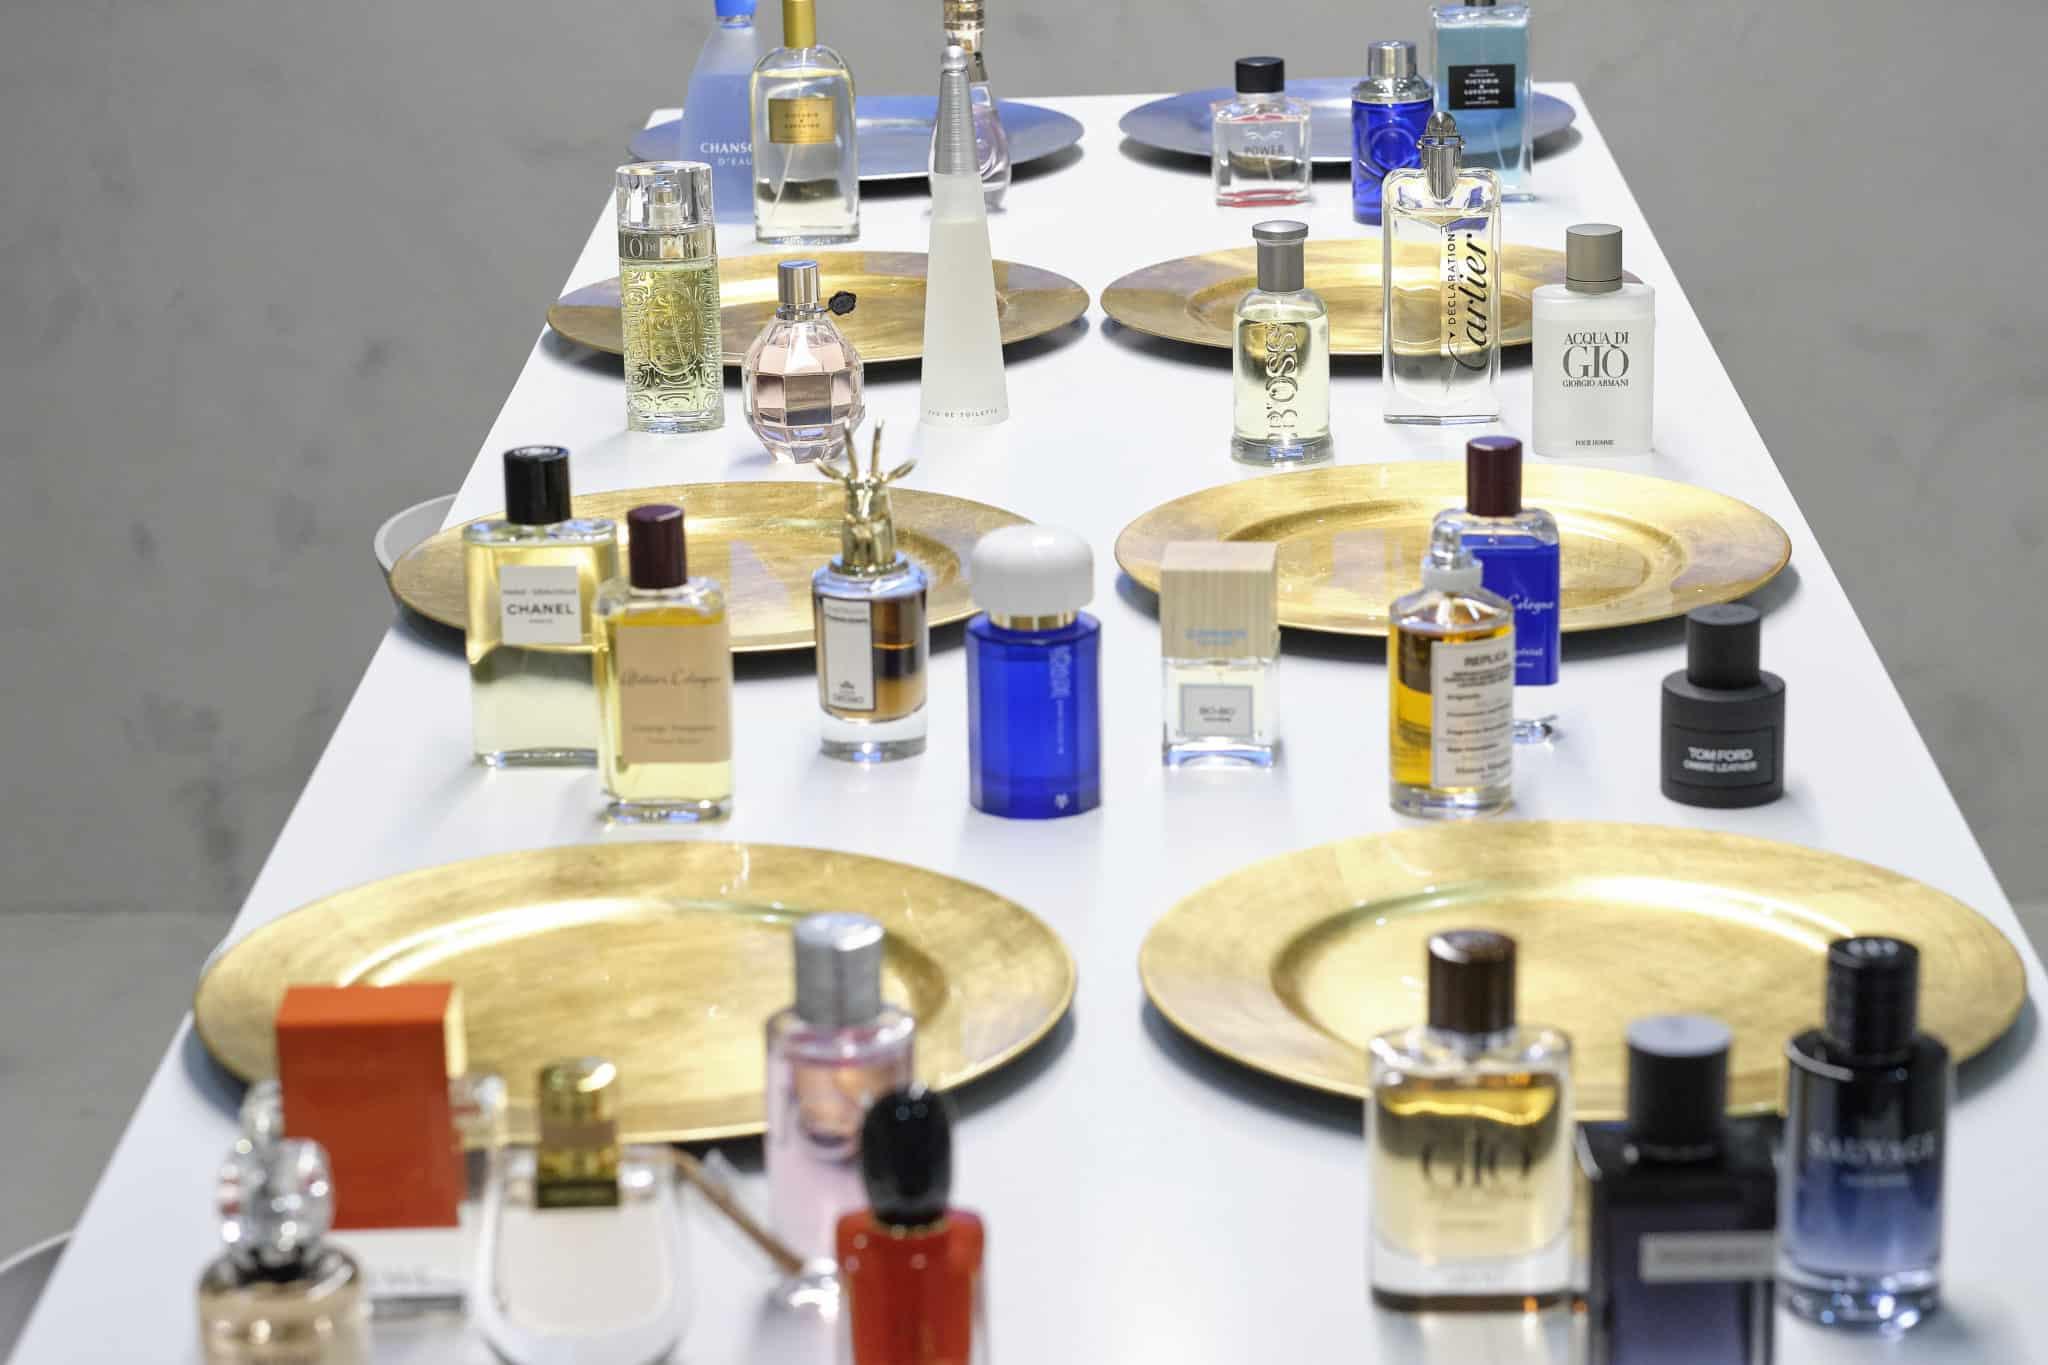 Cuenta atrás para la Gala de los Mejores Perfumes del Año